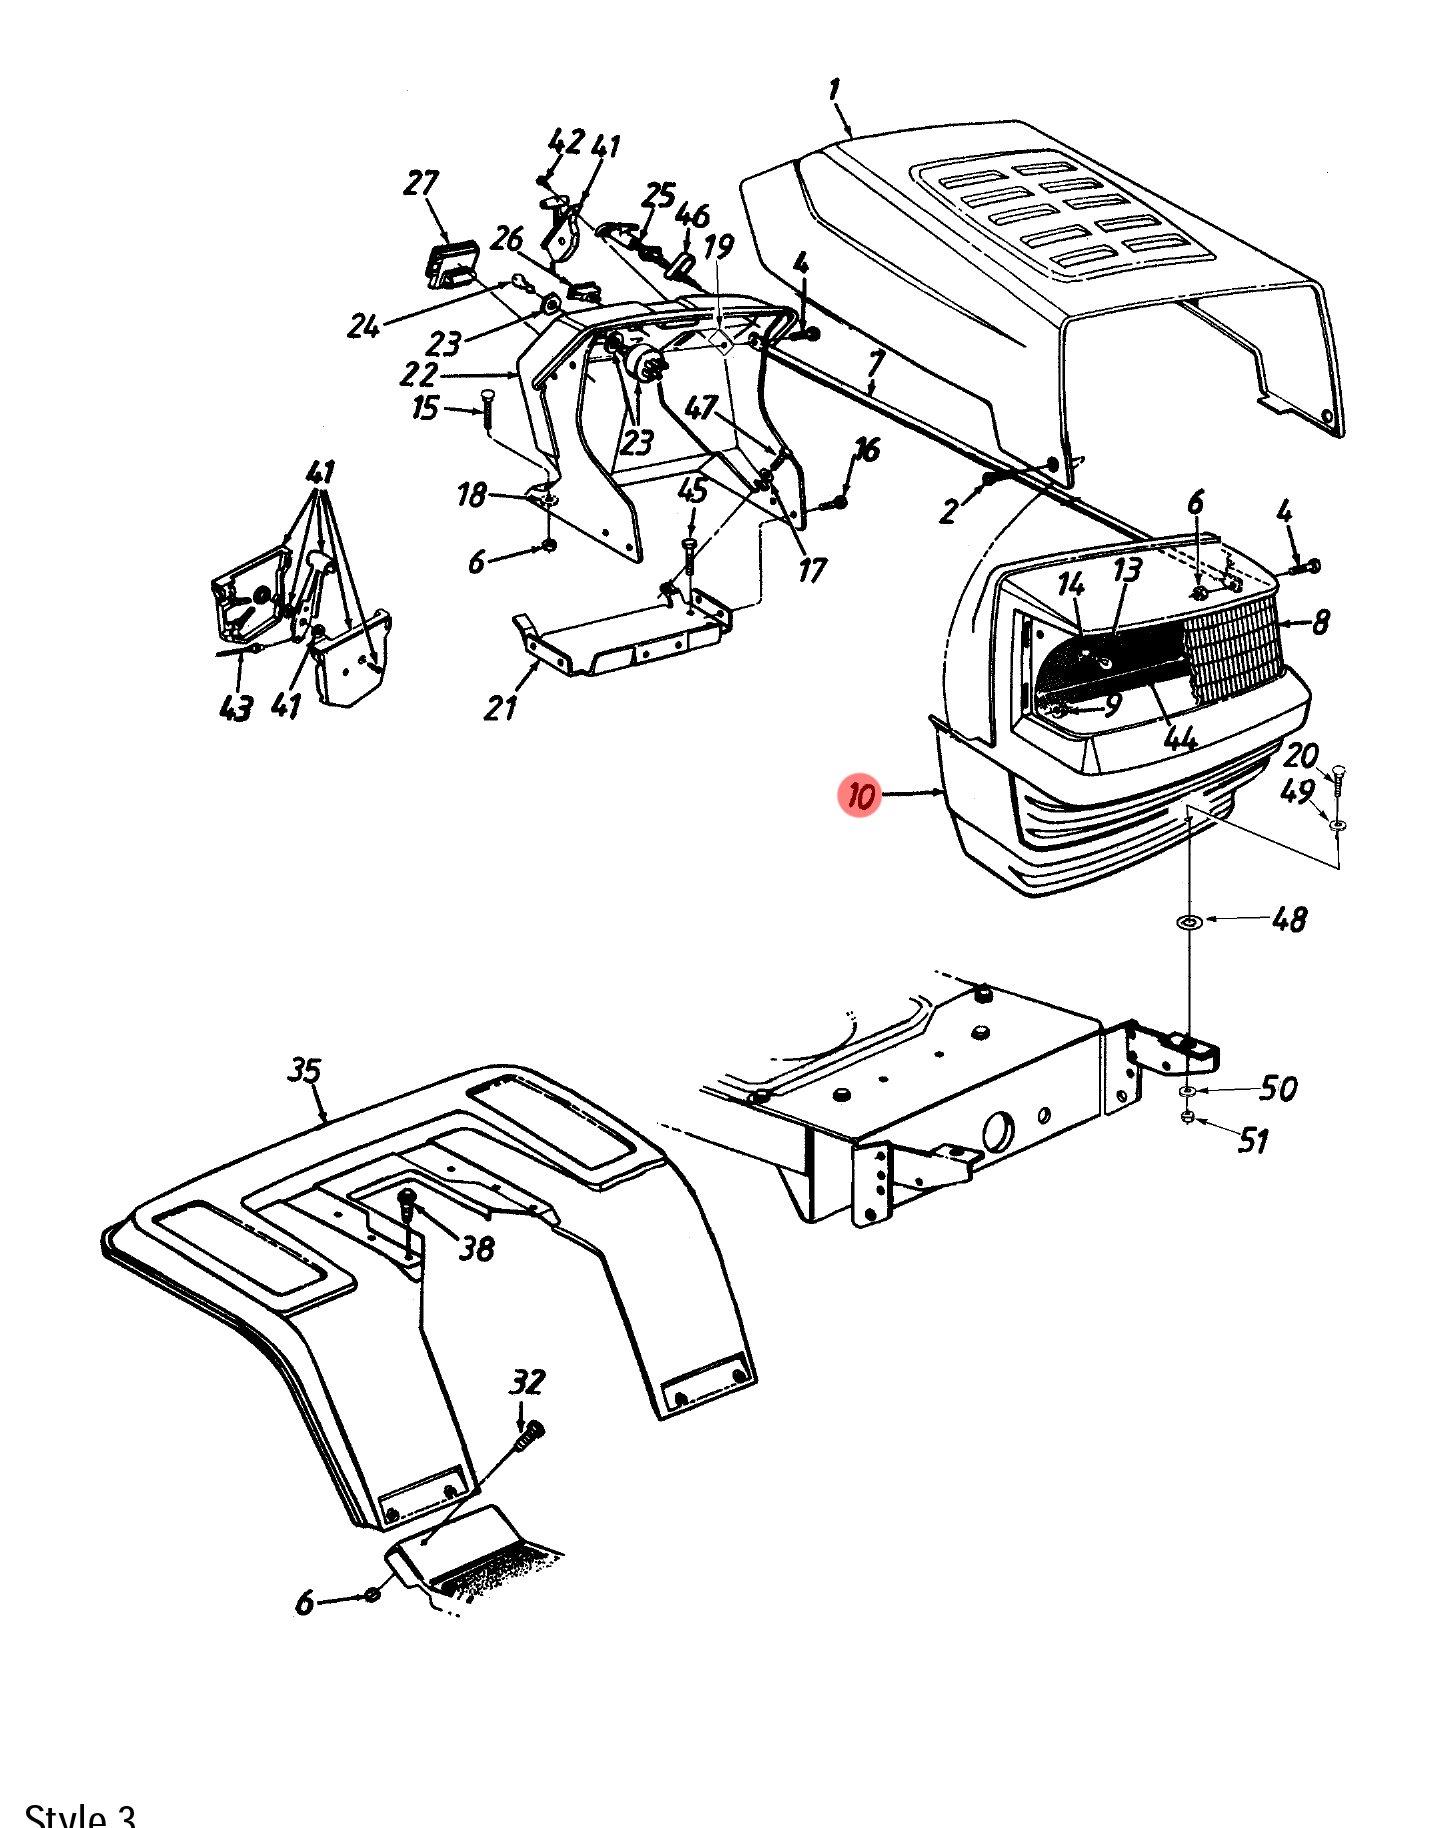 MTD 911-1107 Link-Drag Steering